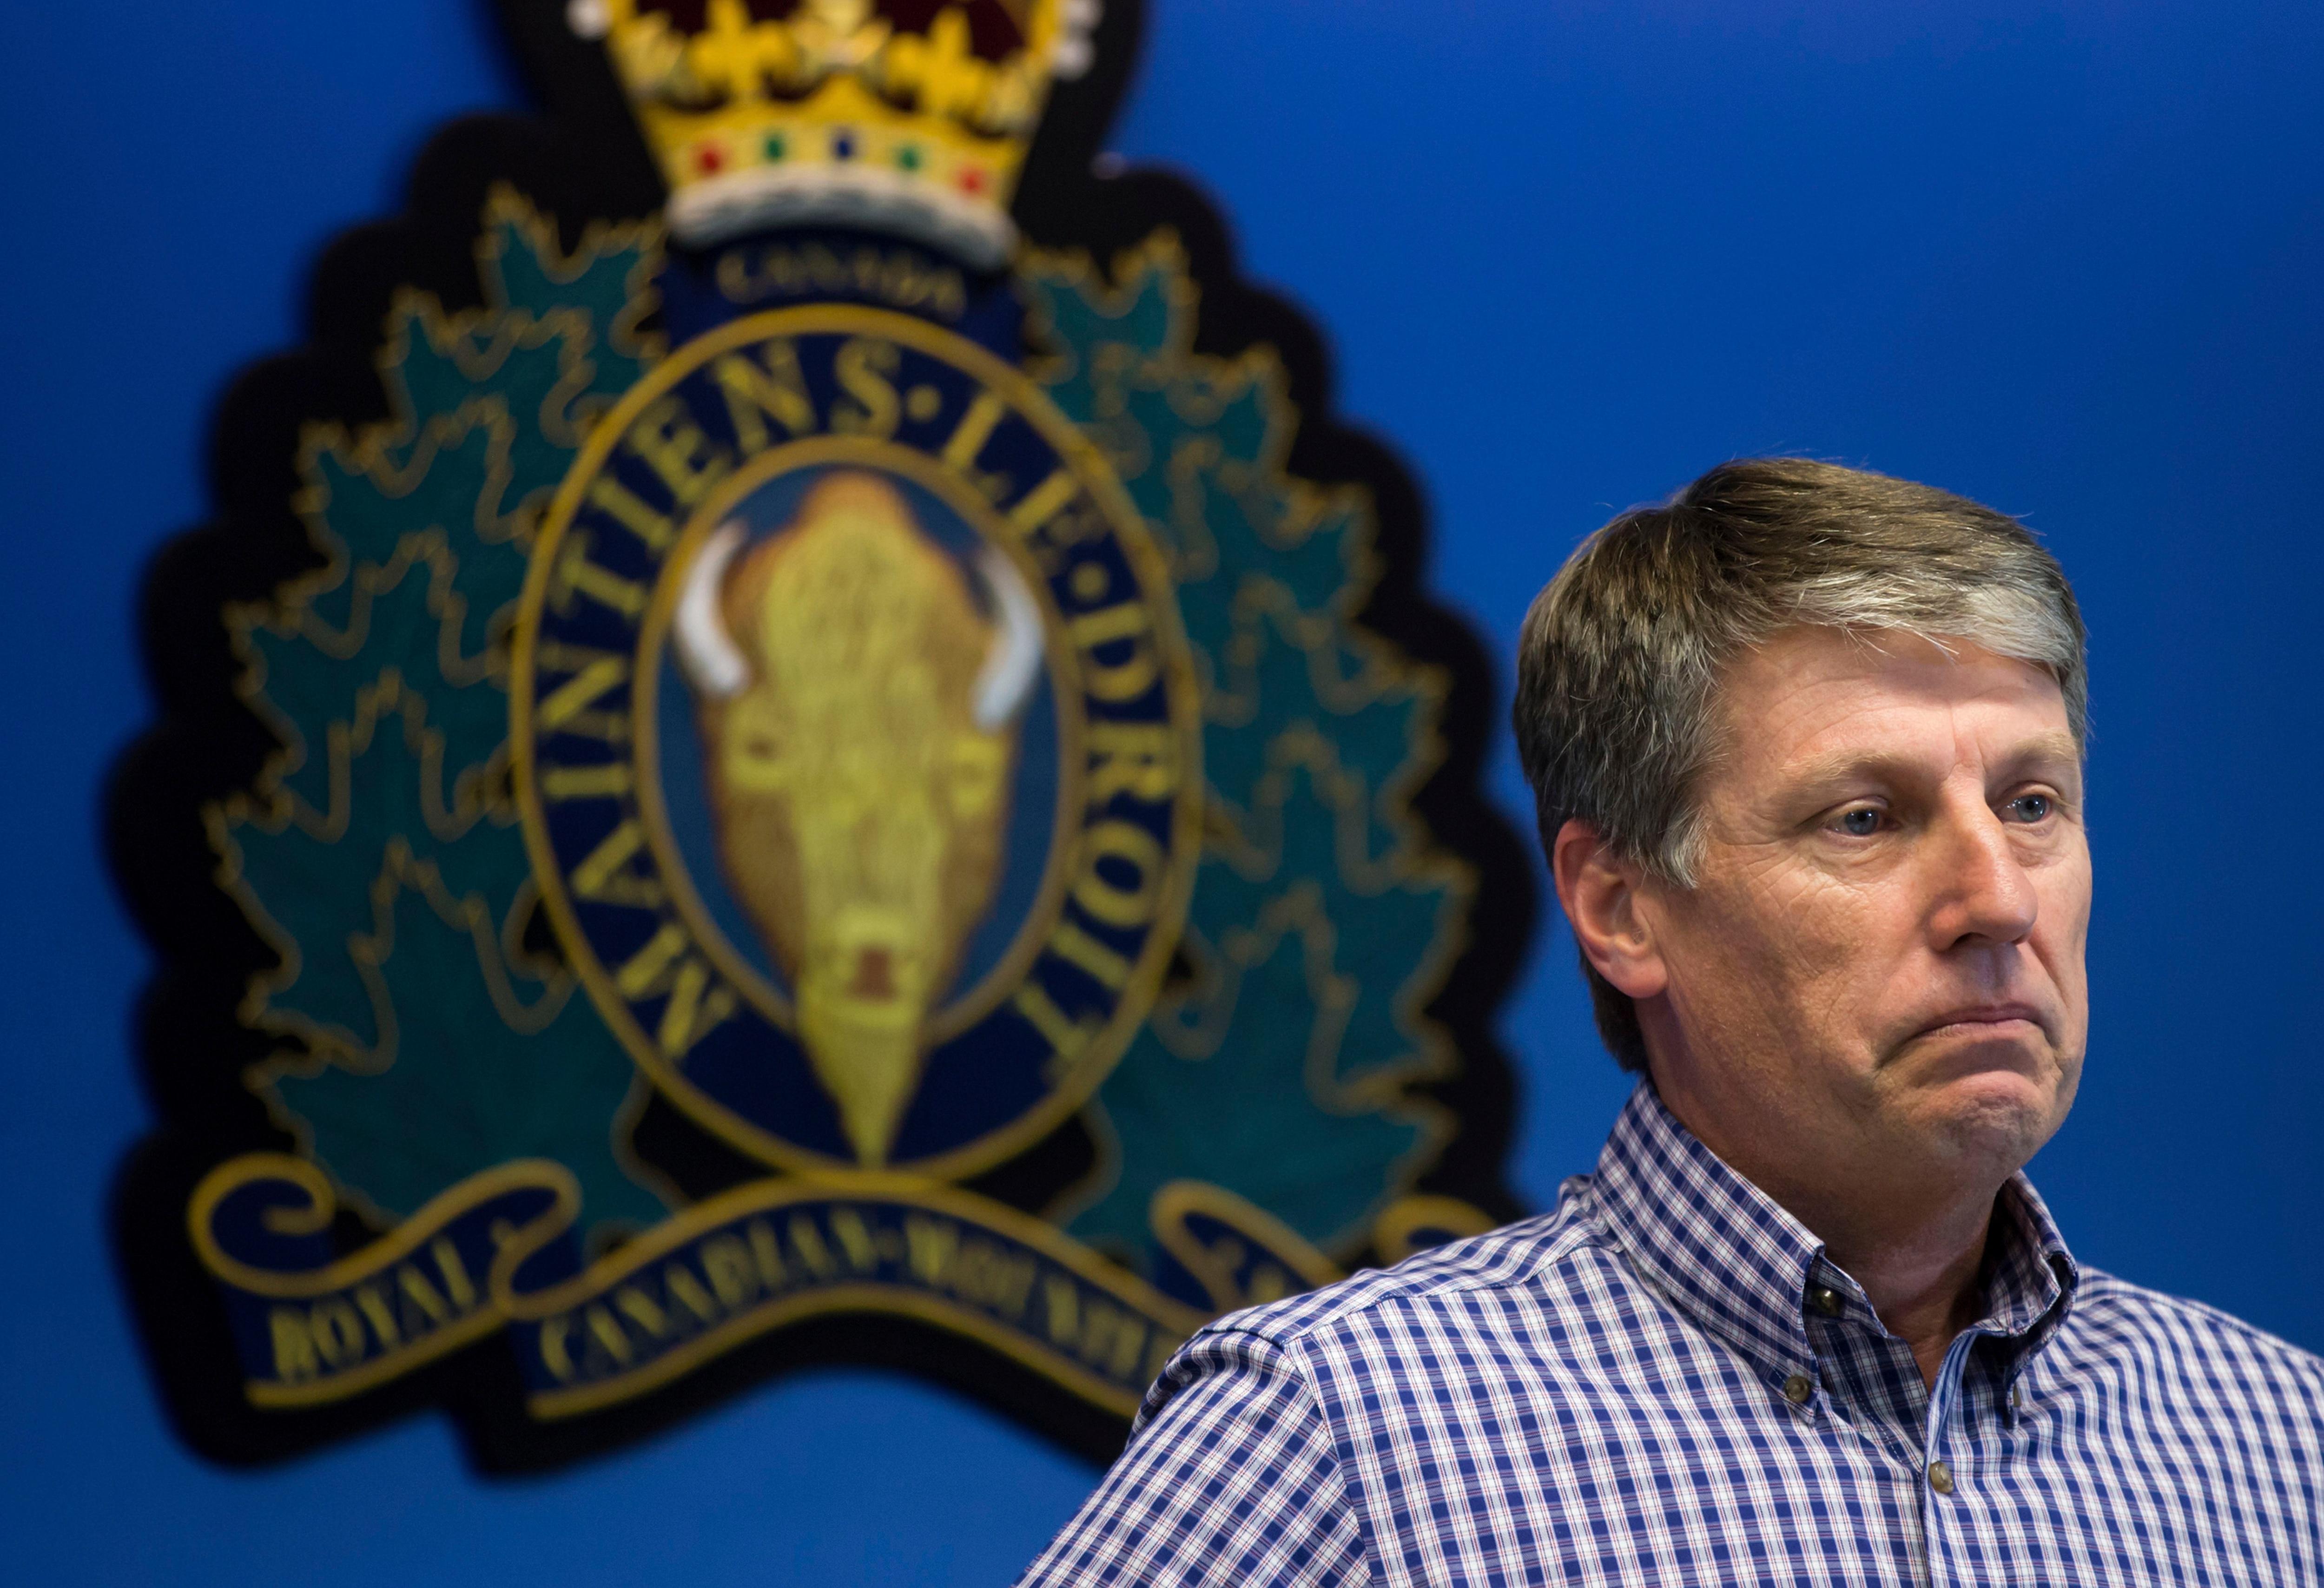 El jefe inspector de la policía del Gales del Sur Stephen Fowler pausesdurante la conferencia de prensa(Darryl Dyck/The Canadian Press via AP)